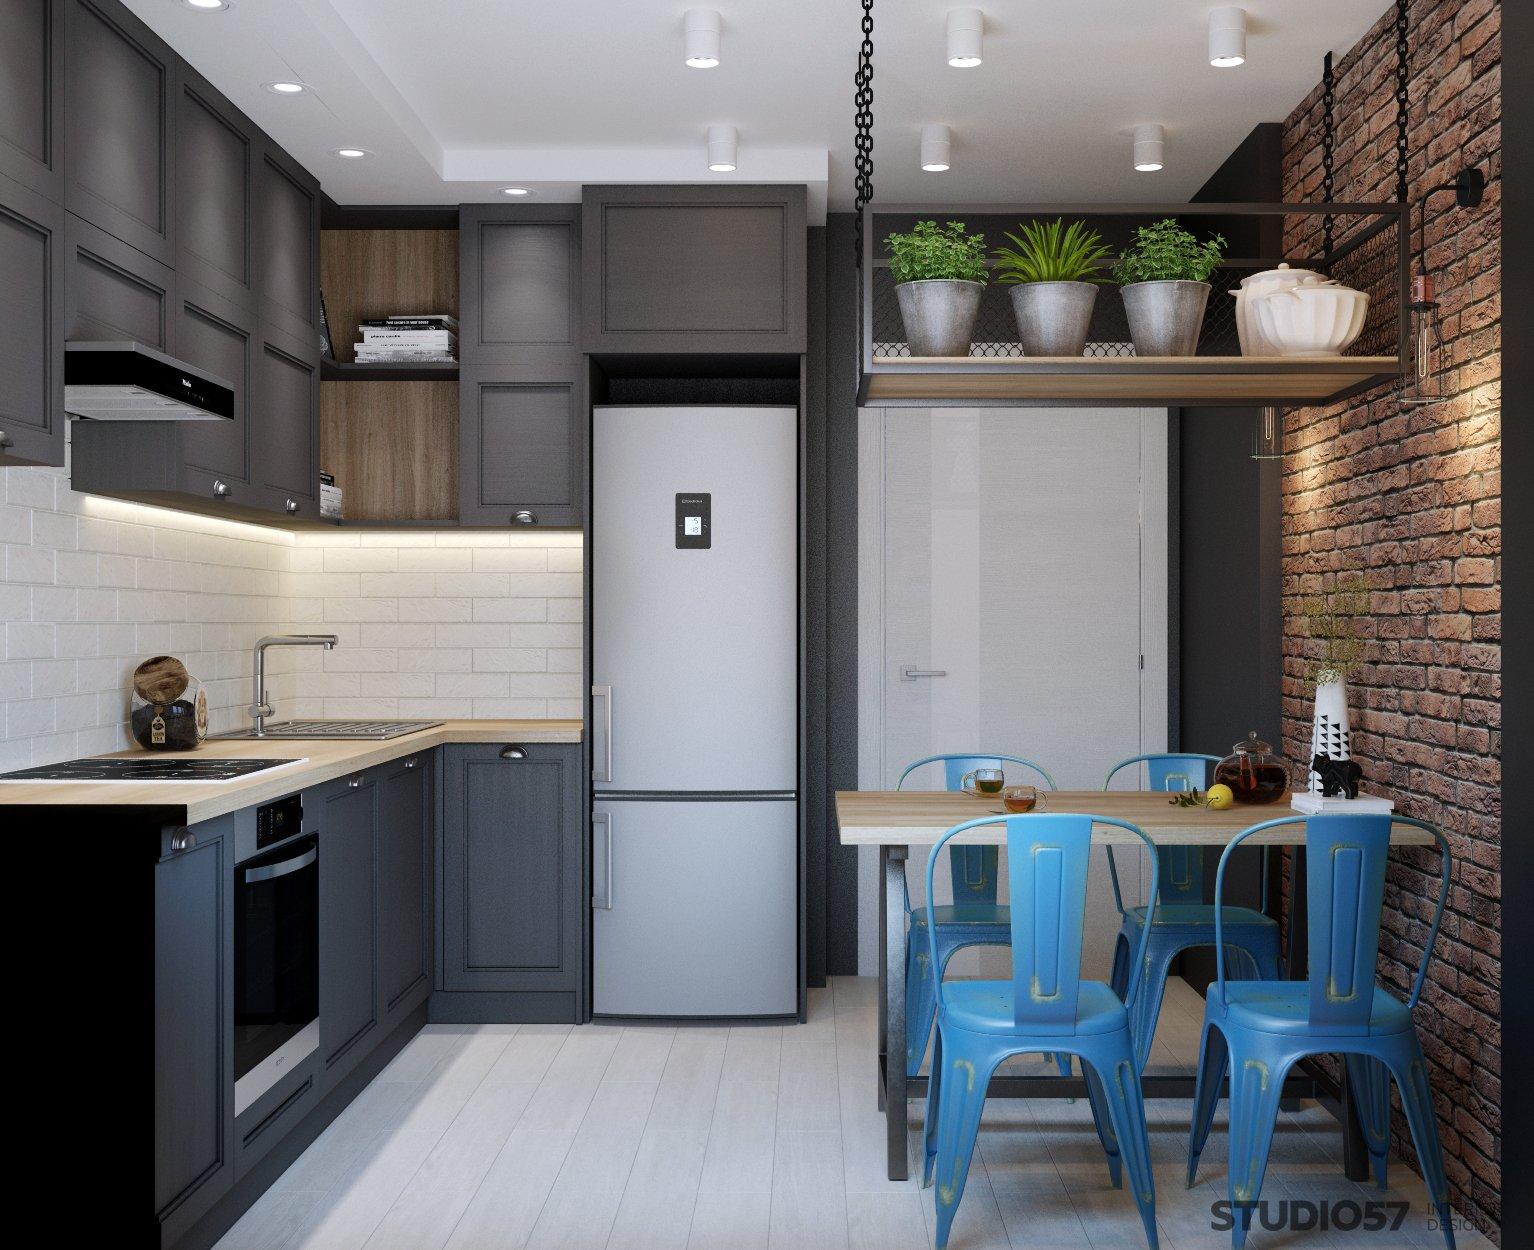 Kitchen in loft style